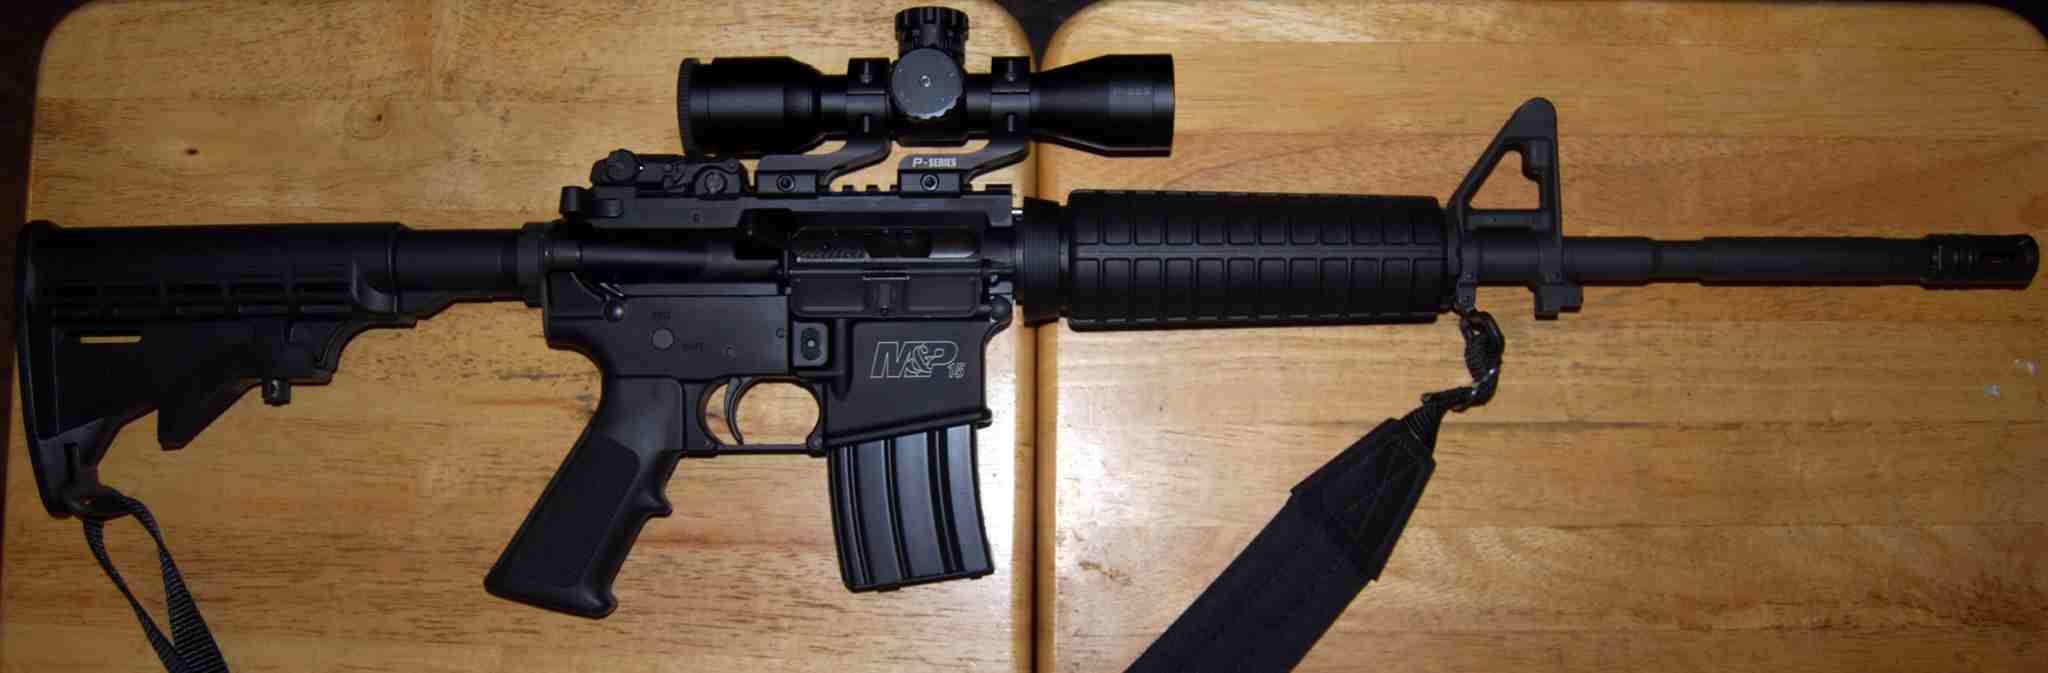 Show me your AR-15!-sarge-s-ar-15-photo-2-2-.jpg